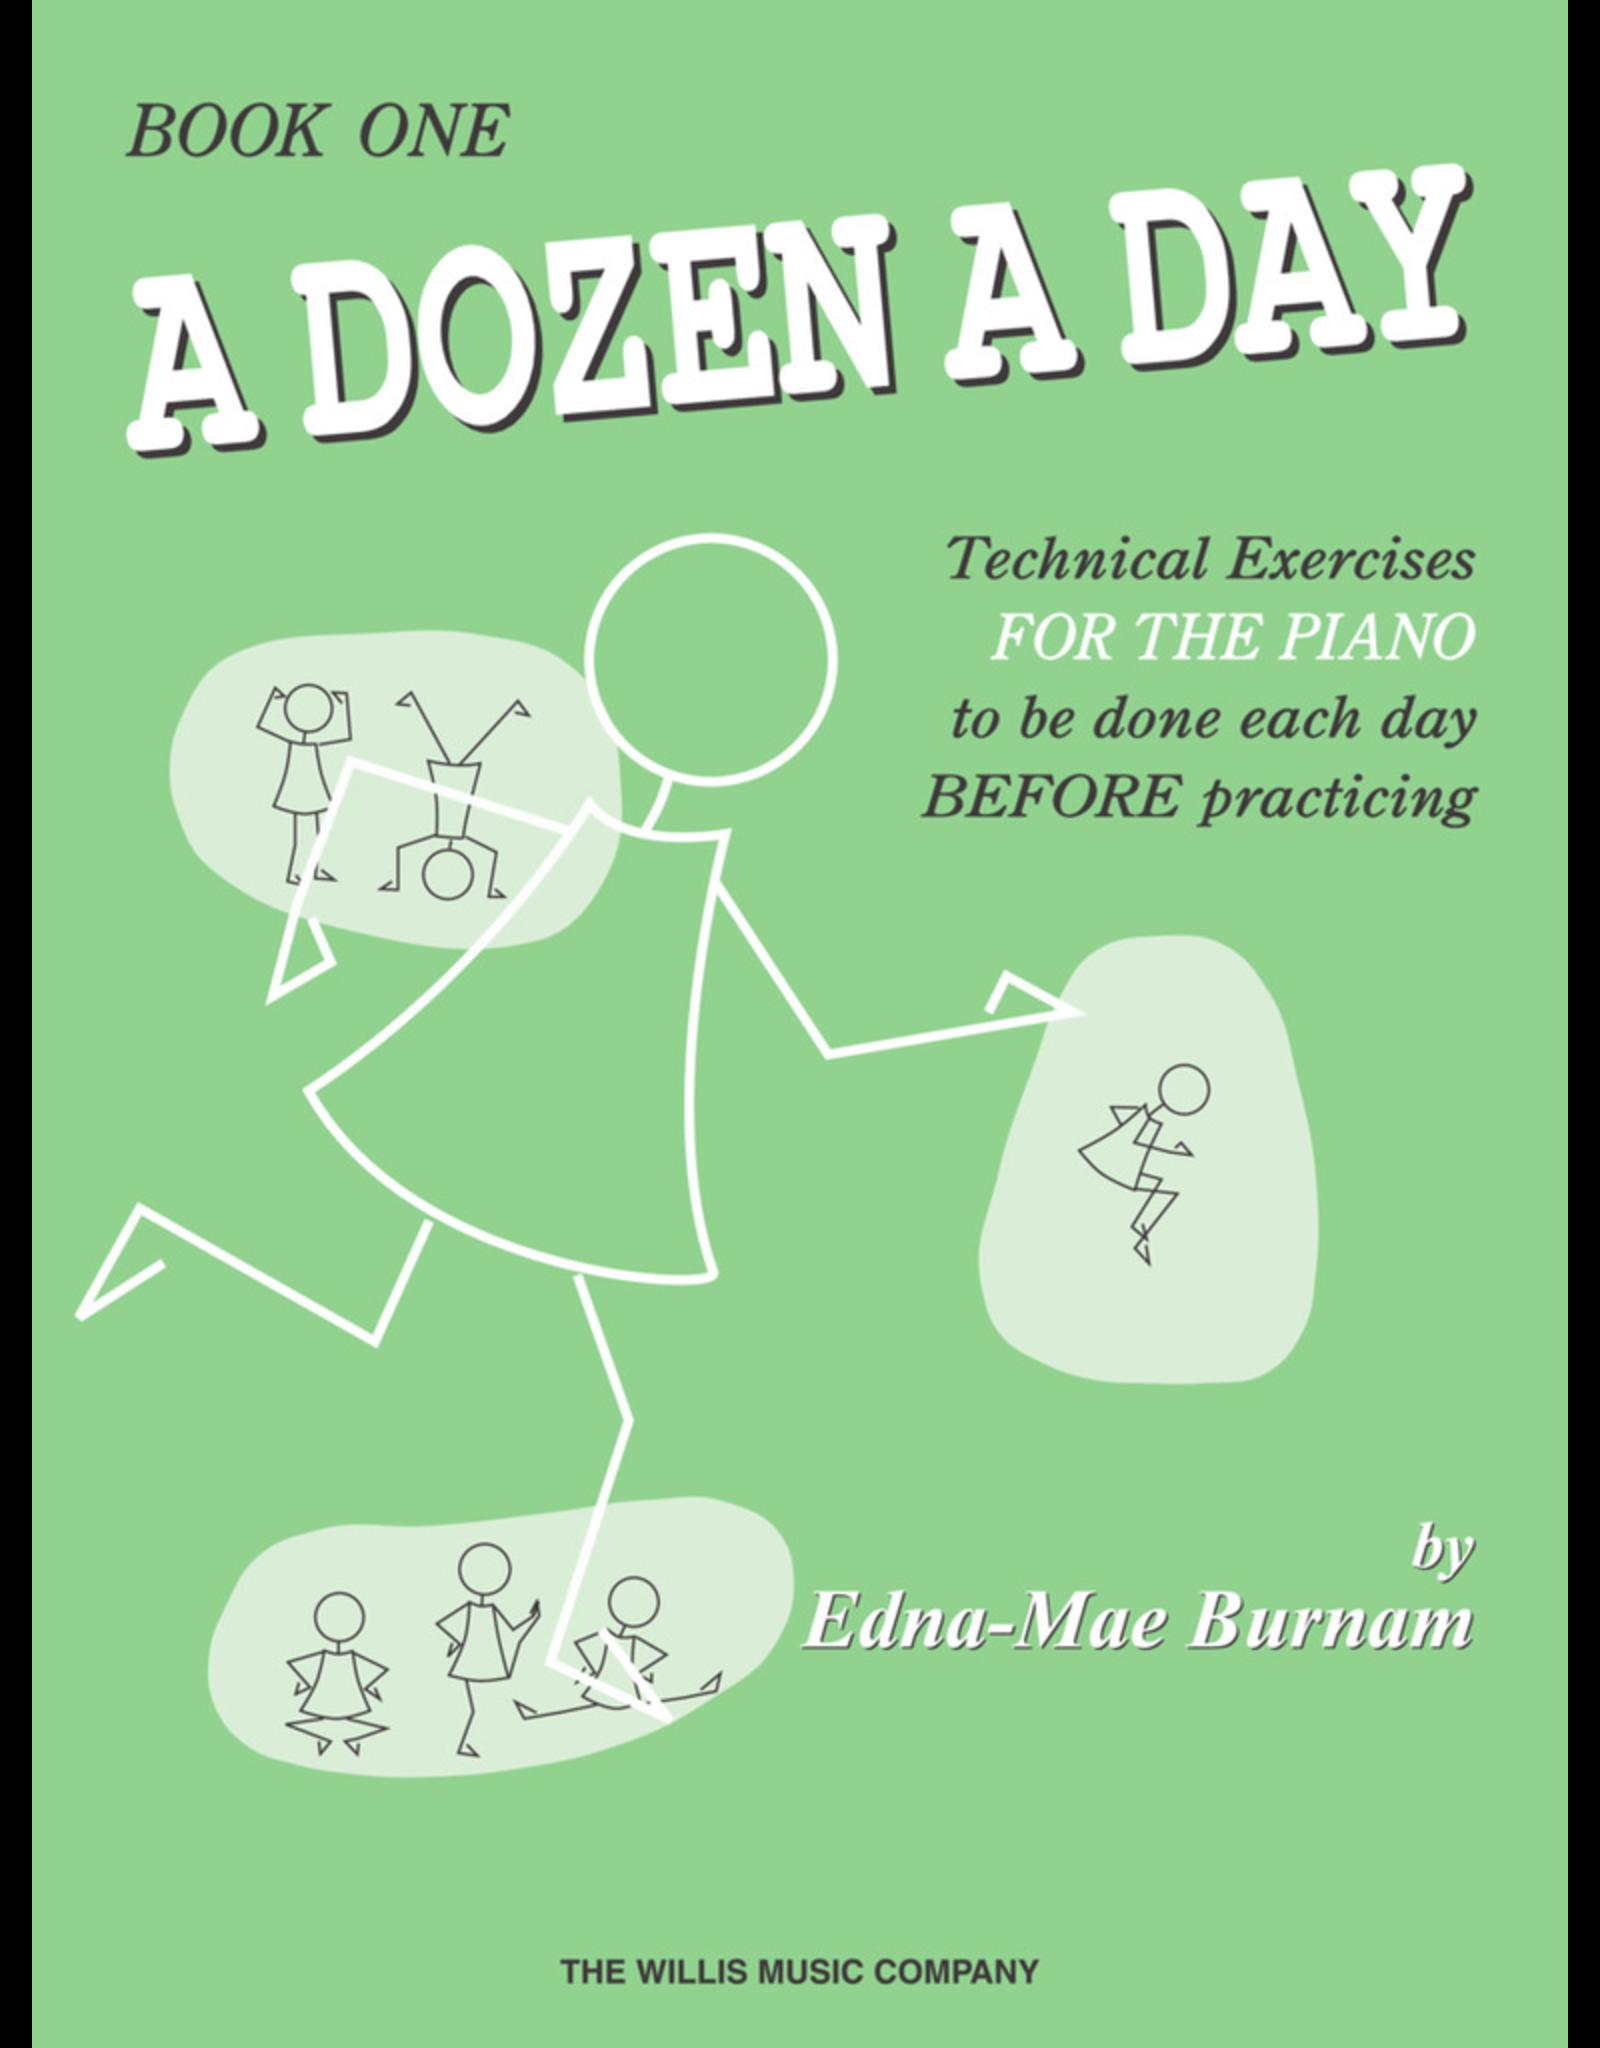 Hal Leonard Dozen a Day Technical Exercises, Book 1